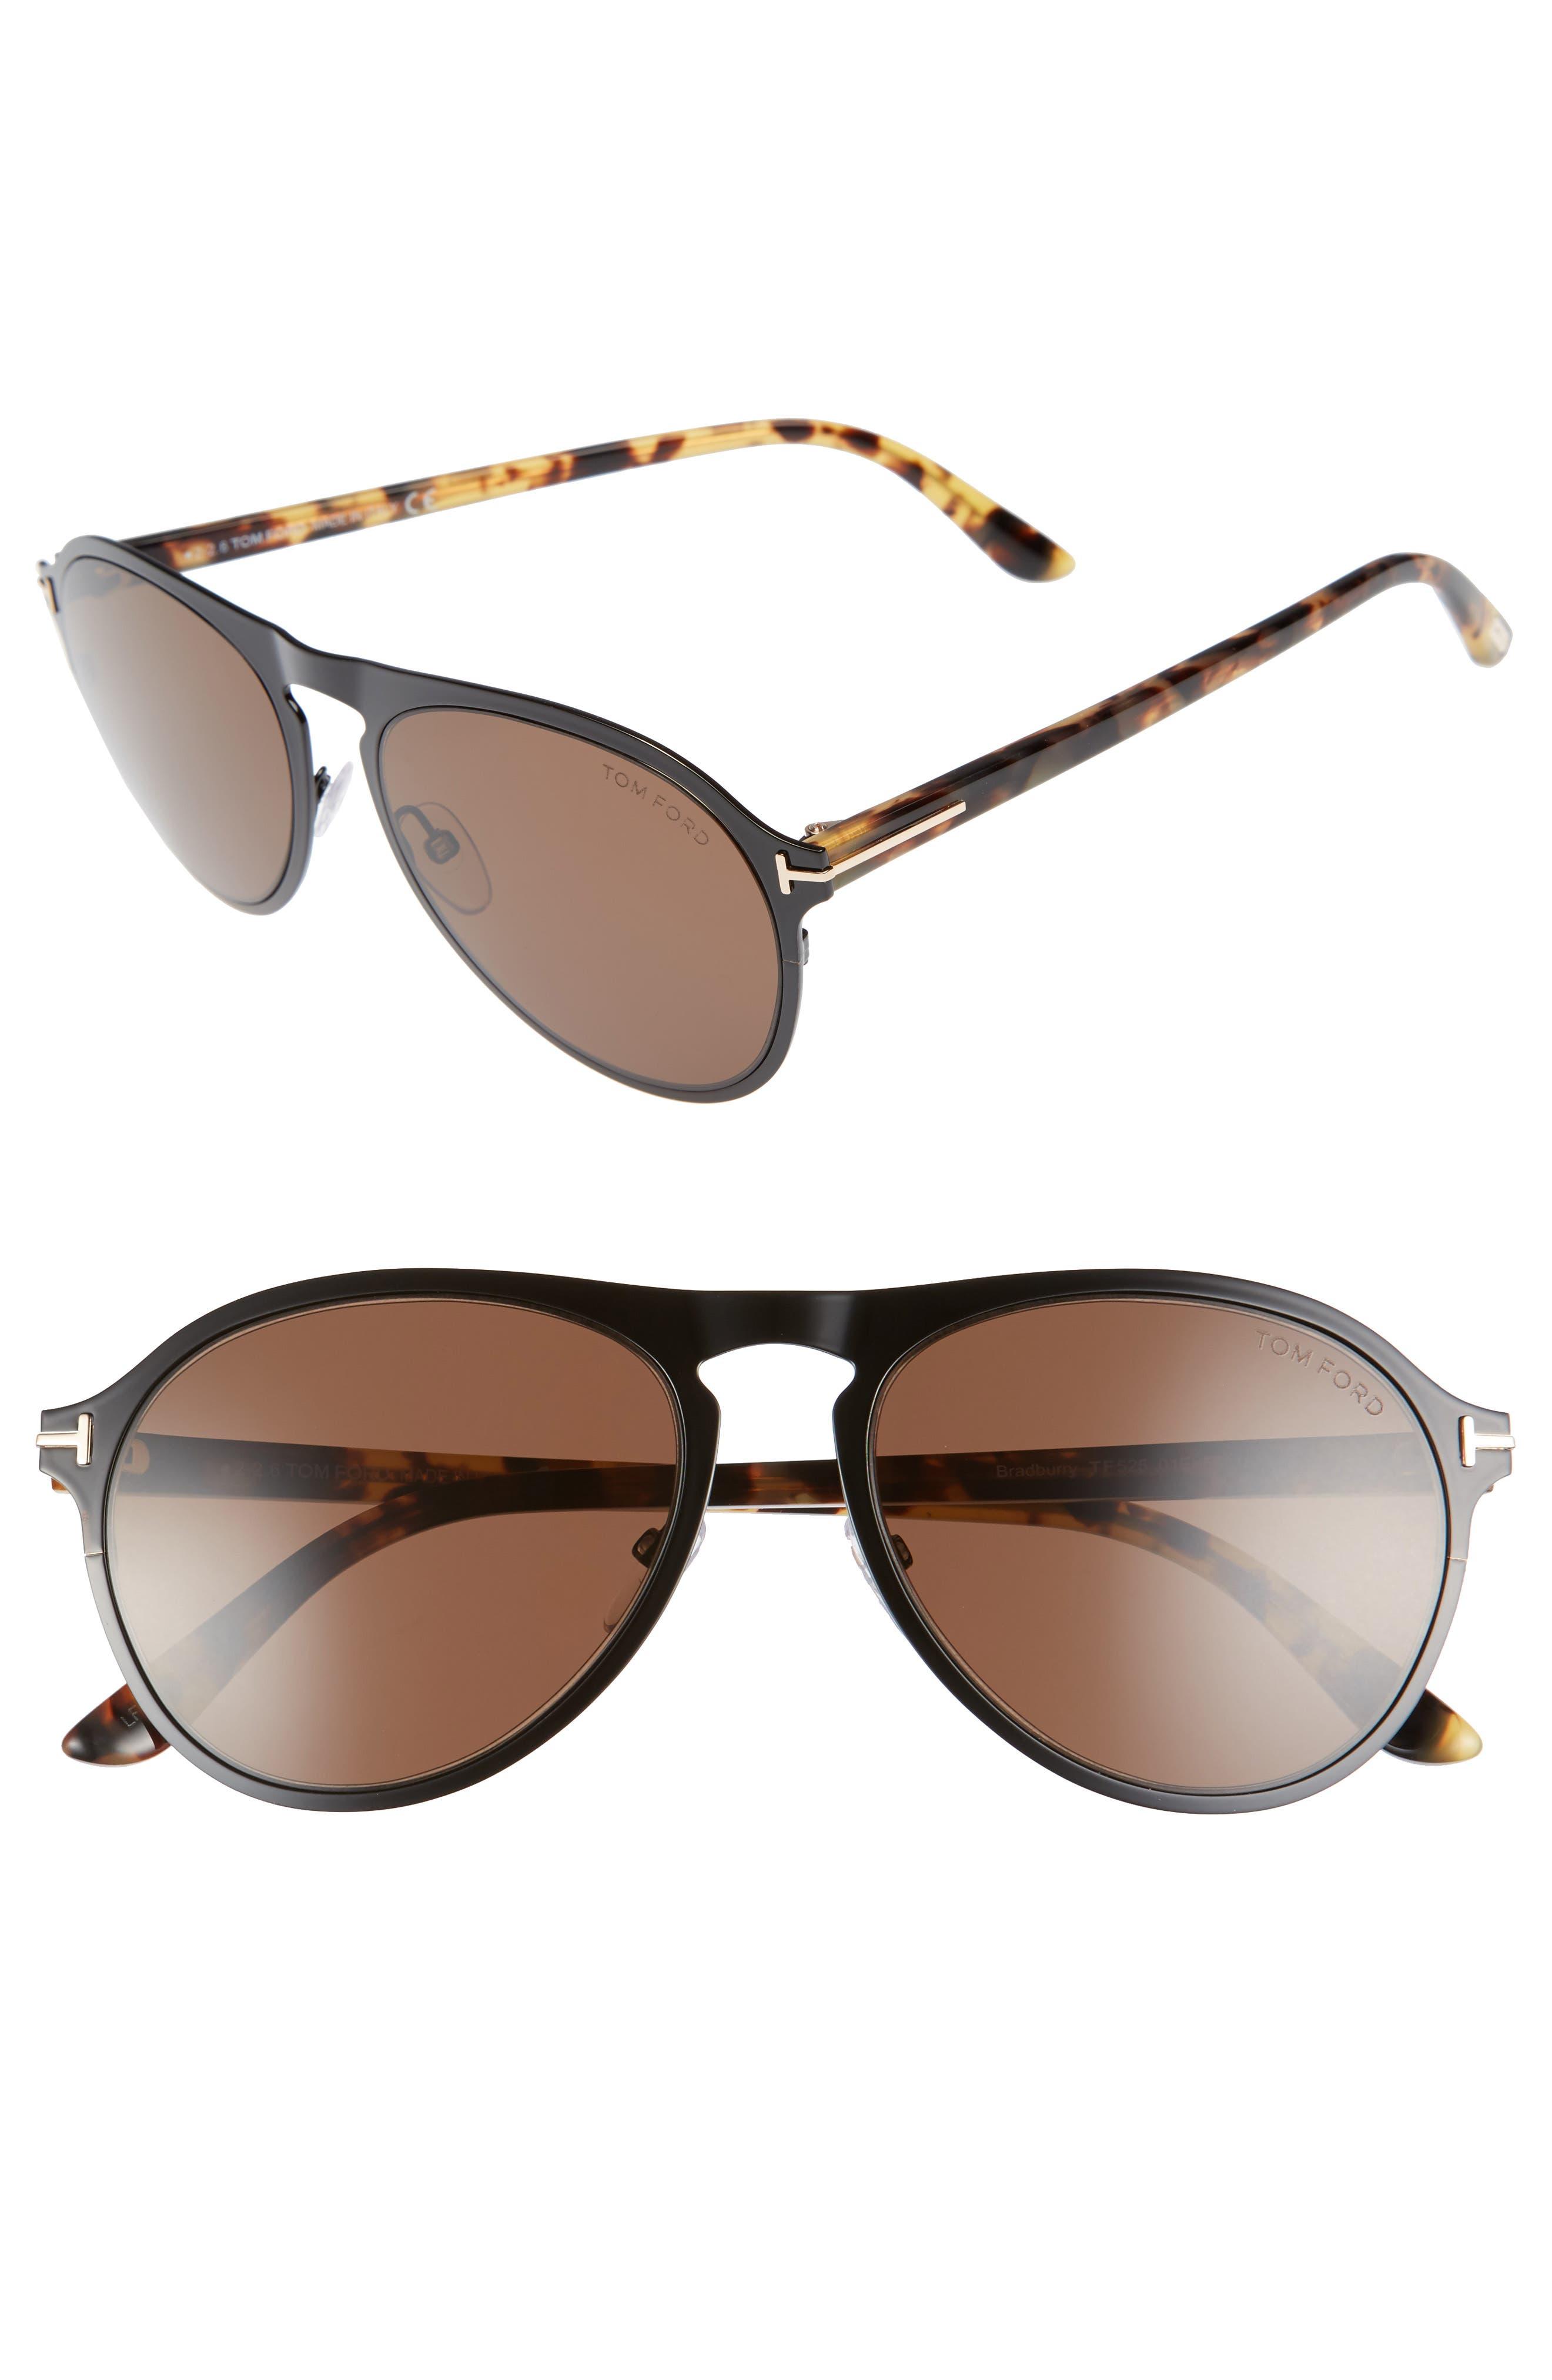 Tom Ford Bradburry 56mm Sunglasses